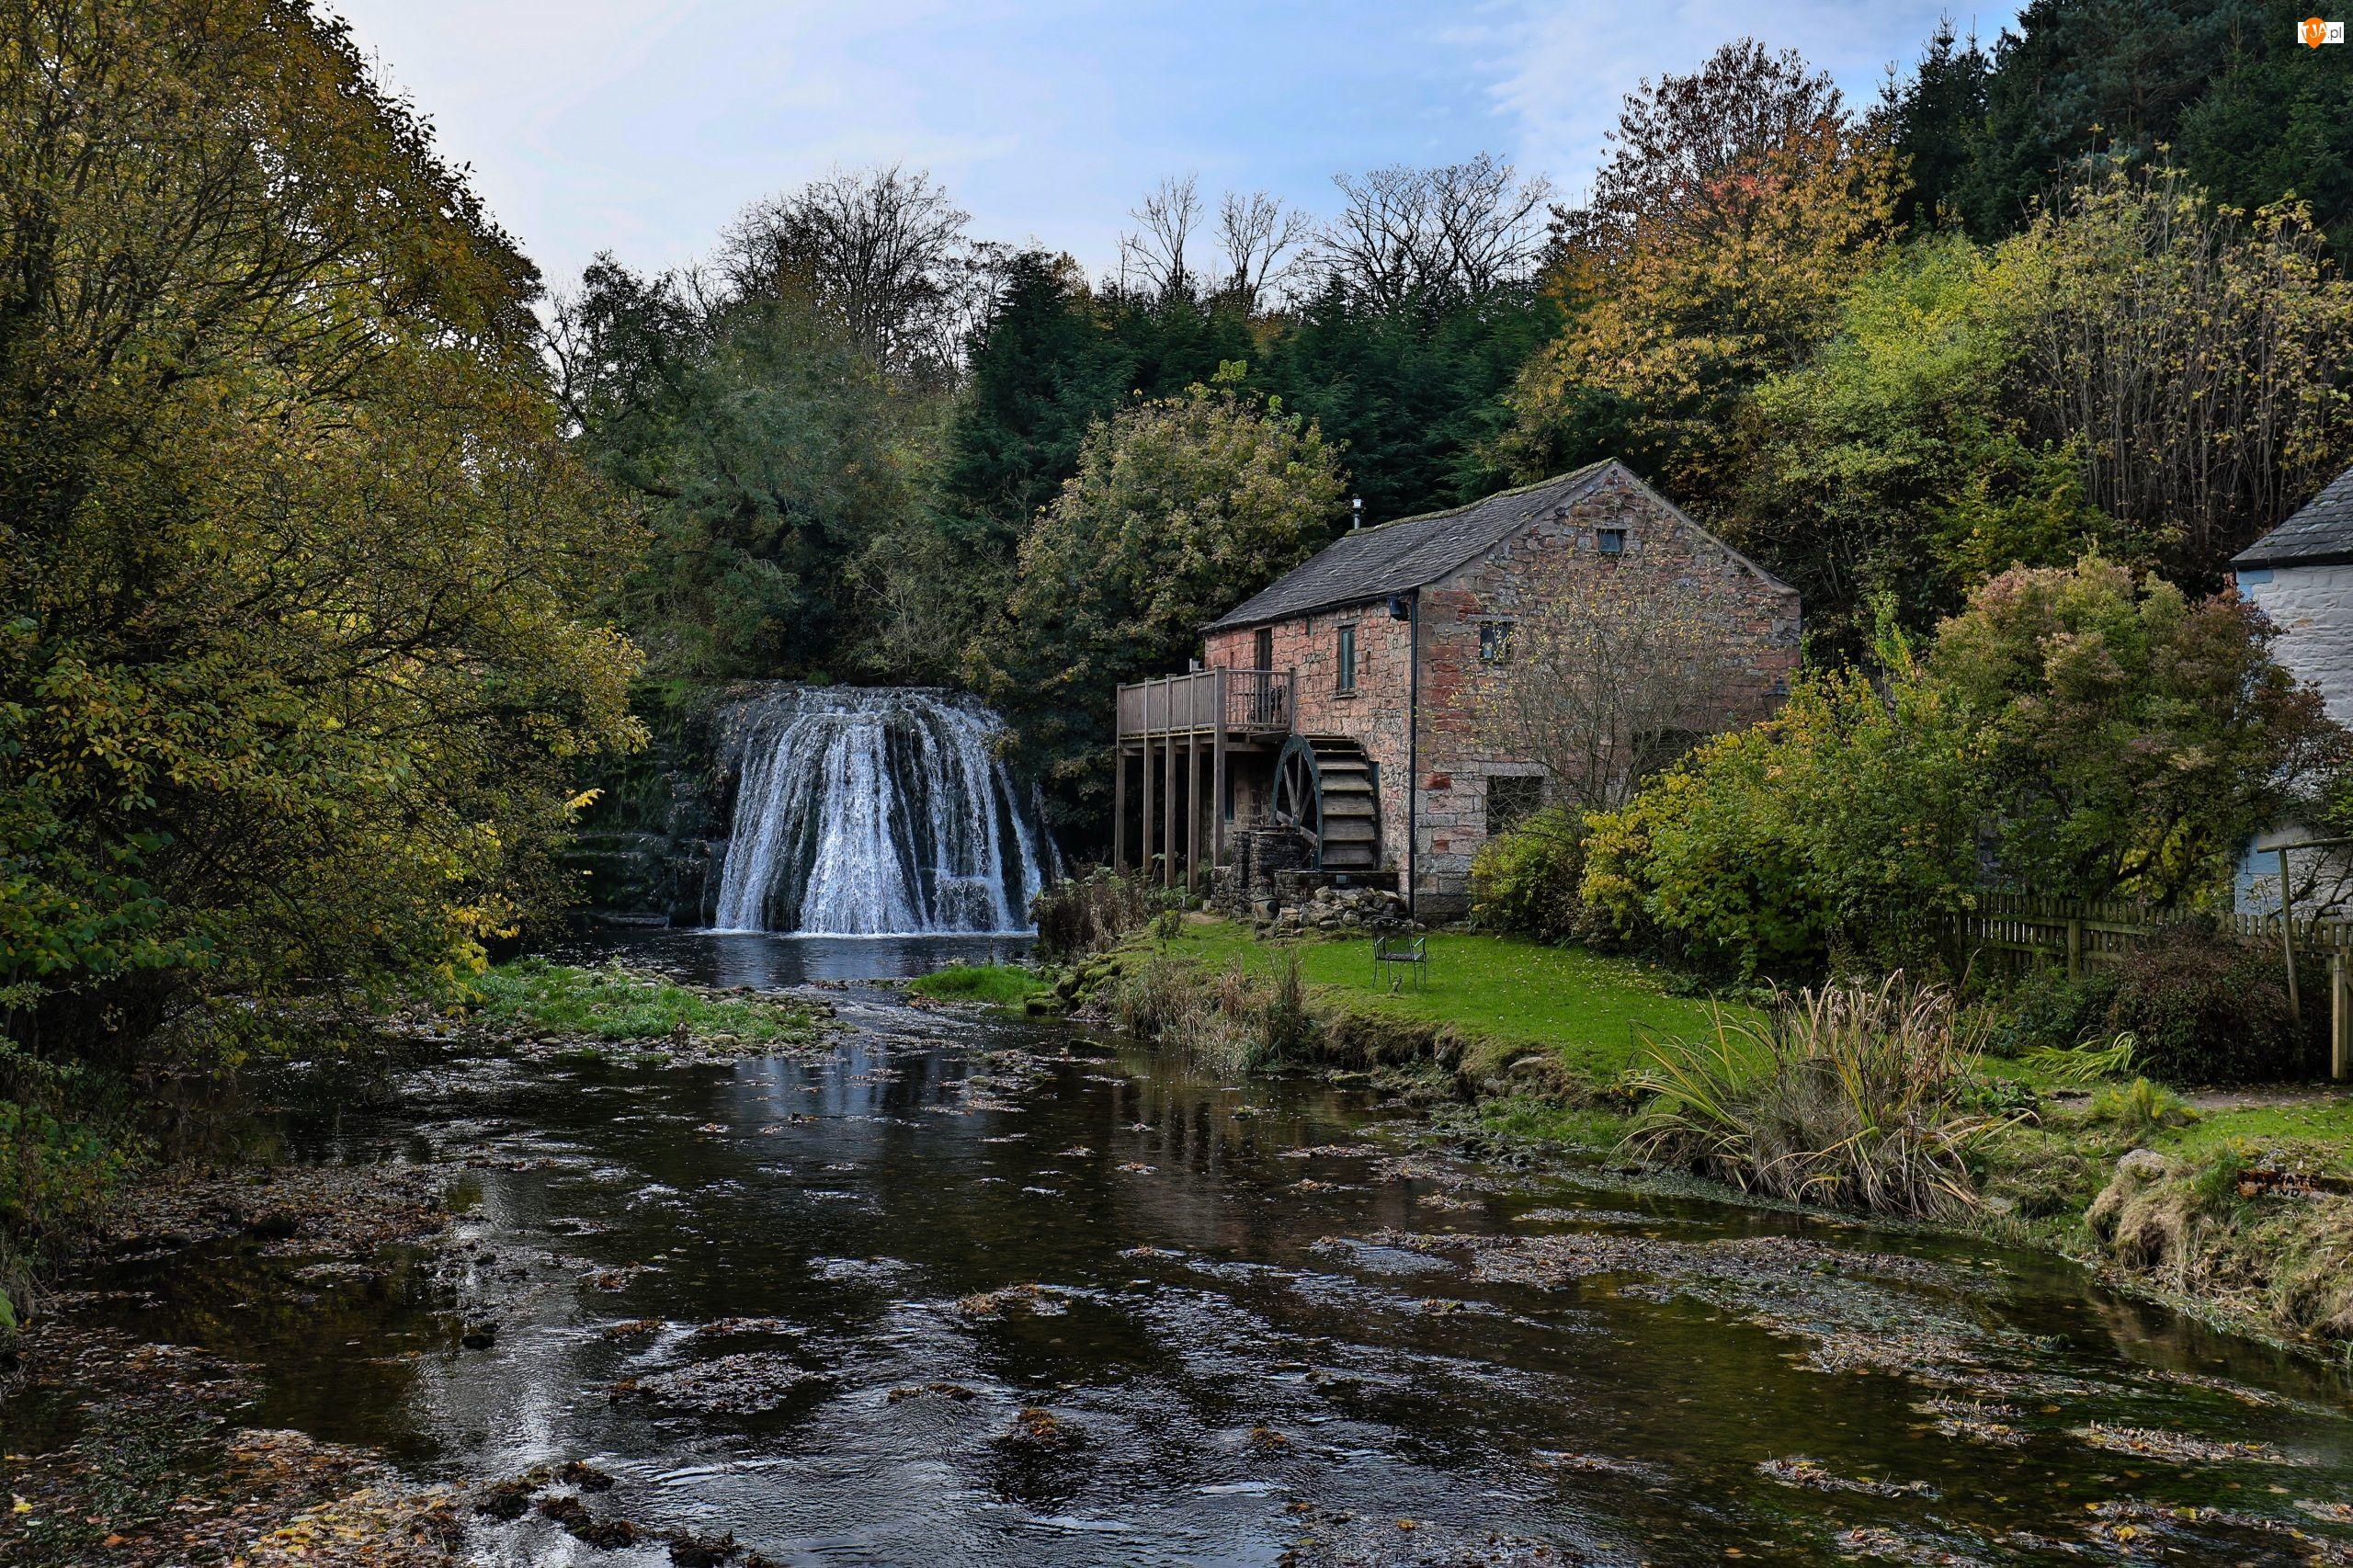 Wodospad, Rzeka, Anglia, Drzewa, Wieś Great Asby, Młyn